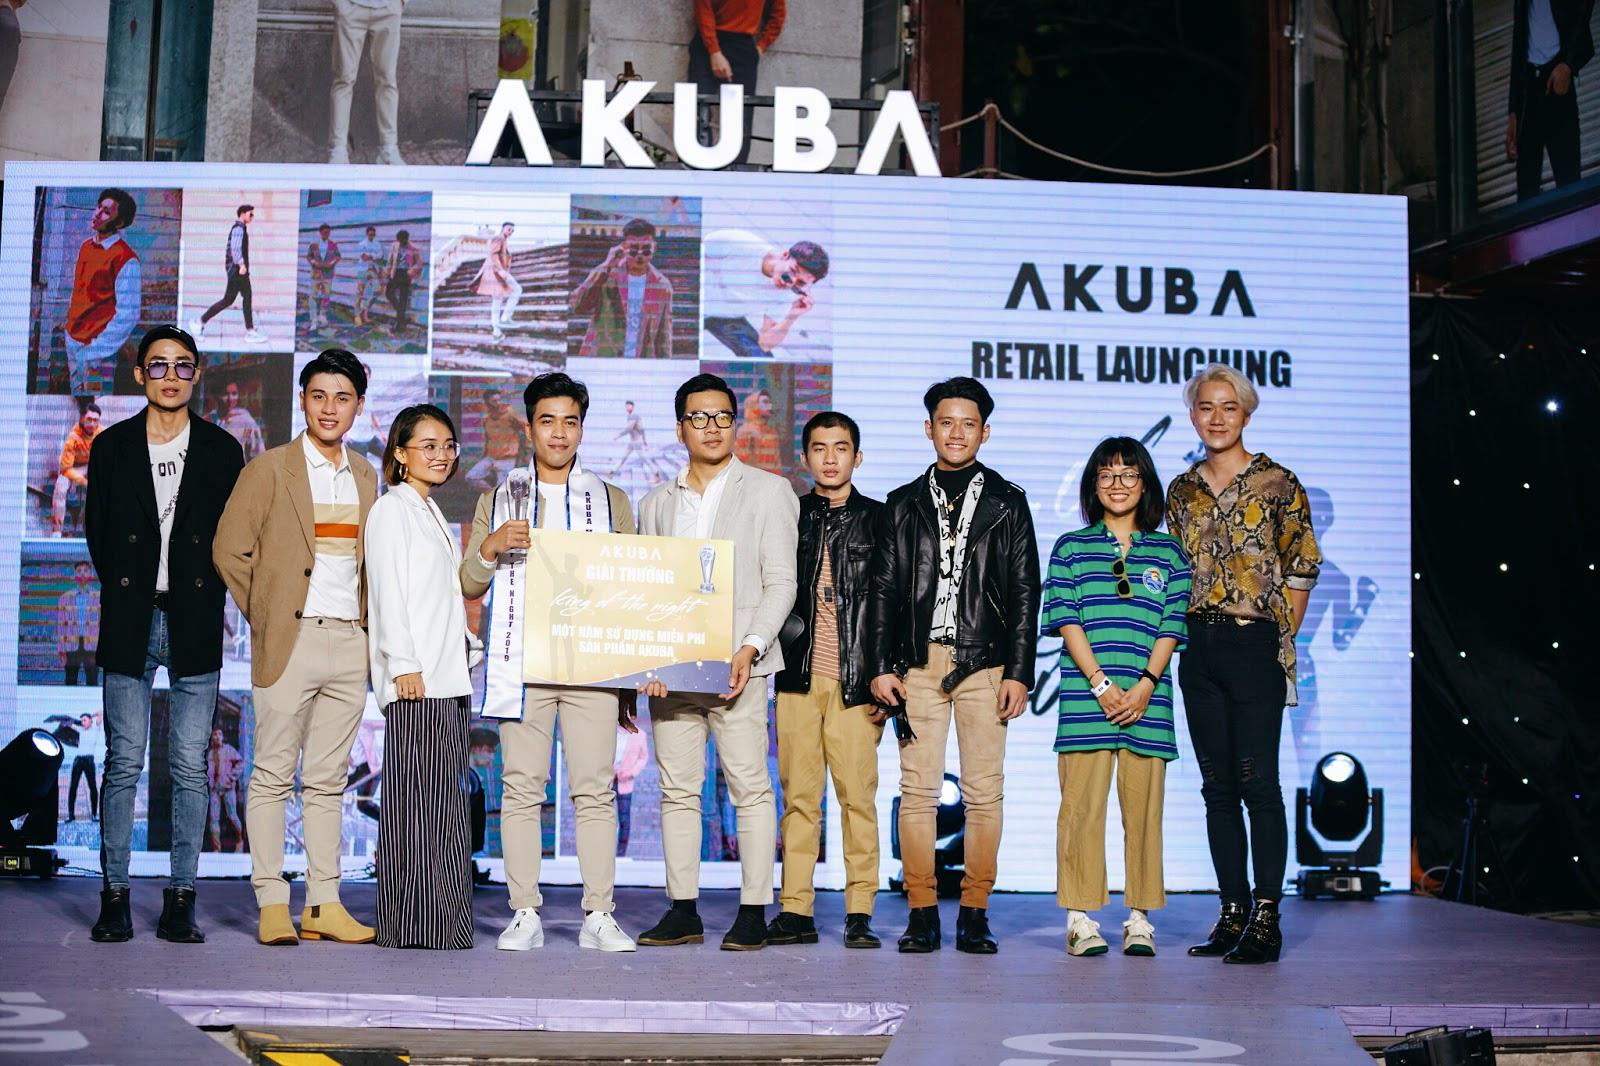 Akuba – Một không gian thời trang ứng dụng thoải mái dành cho những chàng trai năng động vừa xuất hiện tại Sài Gòn - Ảnh 6.